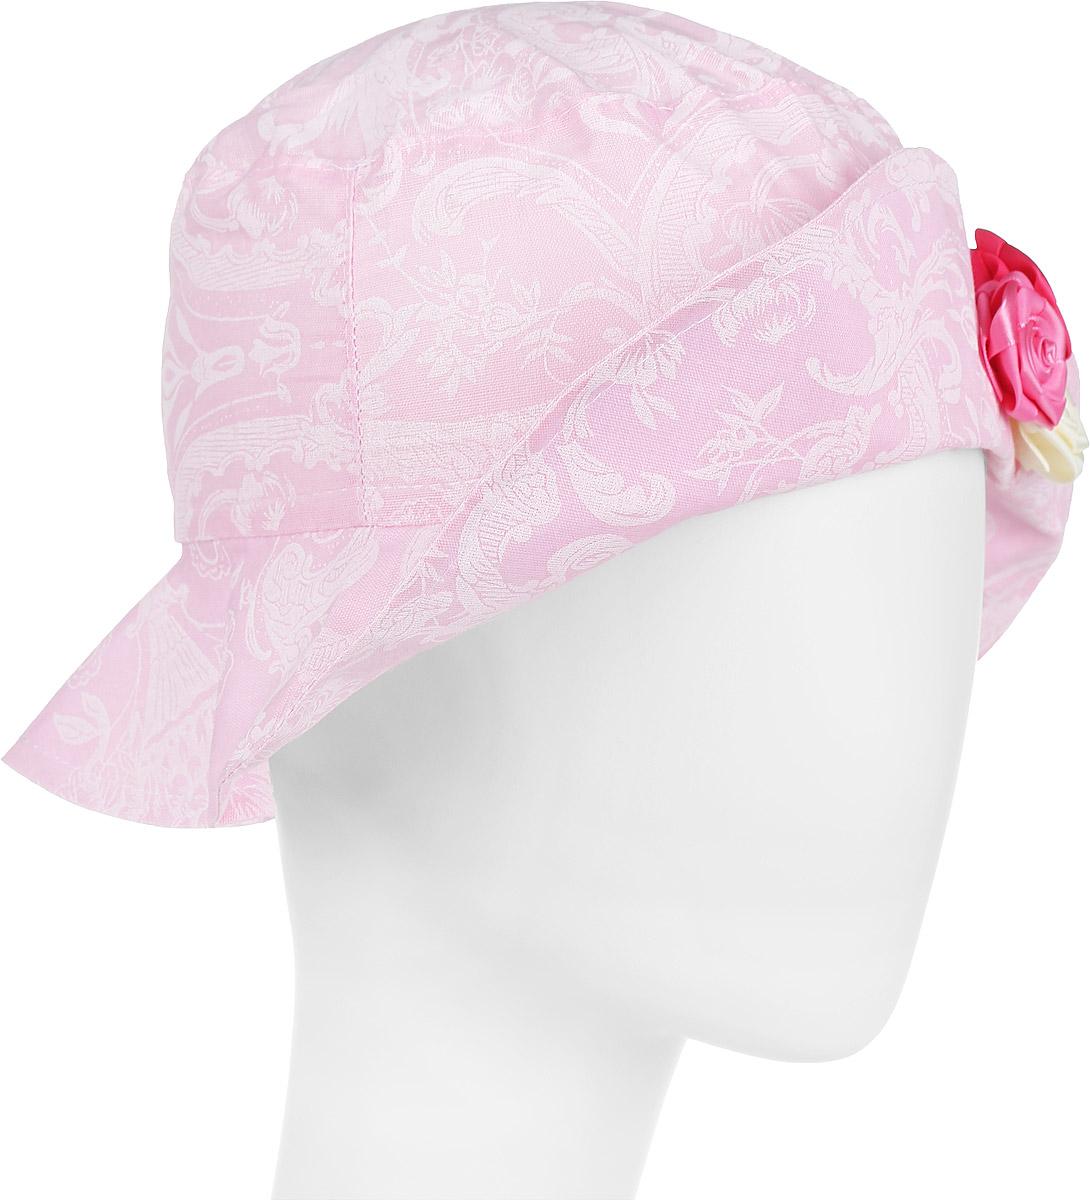 DL772M-22Модная панама для девочки ПриКиндер, изготовленная из натурального хлопка, идеально подойдет вашей маленькой принцессе в теплое время года и защитит голову от палящего солнца. Панама с широкими полями оформлена цветочным принтом. Спереди модель дополнена декоративным пристроченным отворотом и украшена атласными розами. Сзади расположена эластичная резинка, обеспечивающая удобную посадку и надежную фиксацию панамы на голове ребенка. Такая панама станет оригинальным и стильным предметом детского гардероба, в ней ваша малышка всегда будет в центре внимания. Уважаемые клиенты! Размер, доступный для заказа, является обхватом головы.